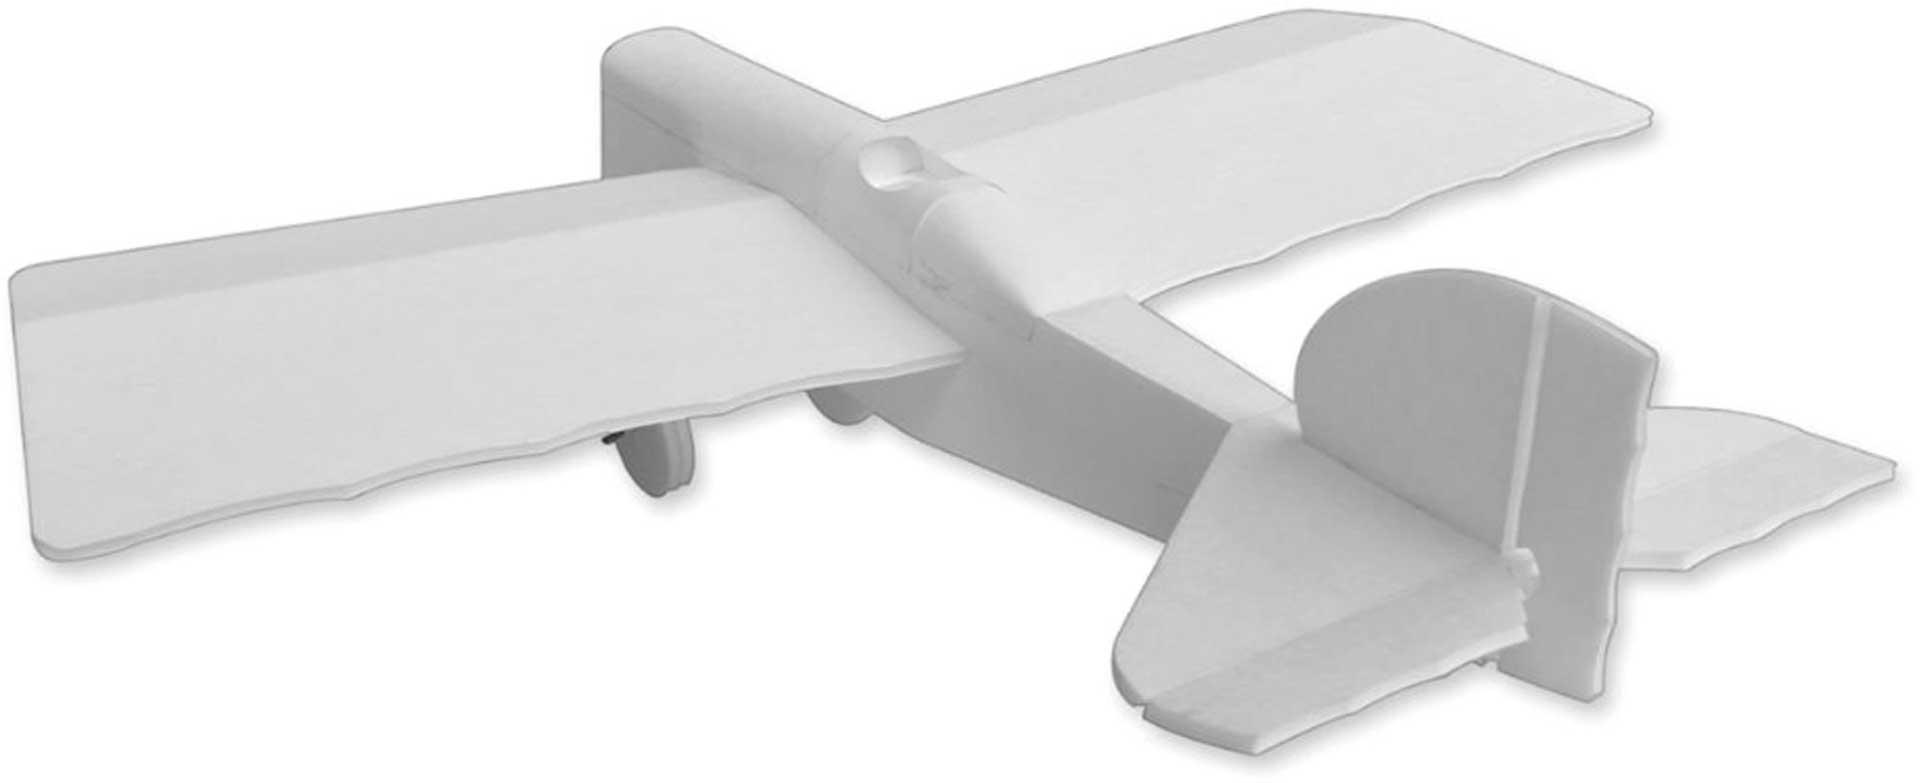 FLITE TEST Mini Scout Schnellbausatz Foam 609mm